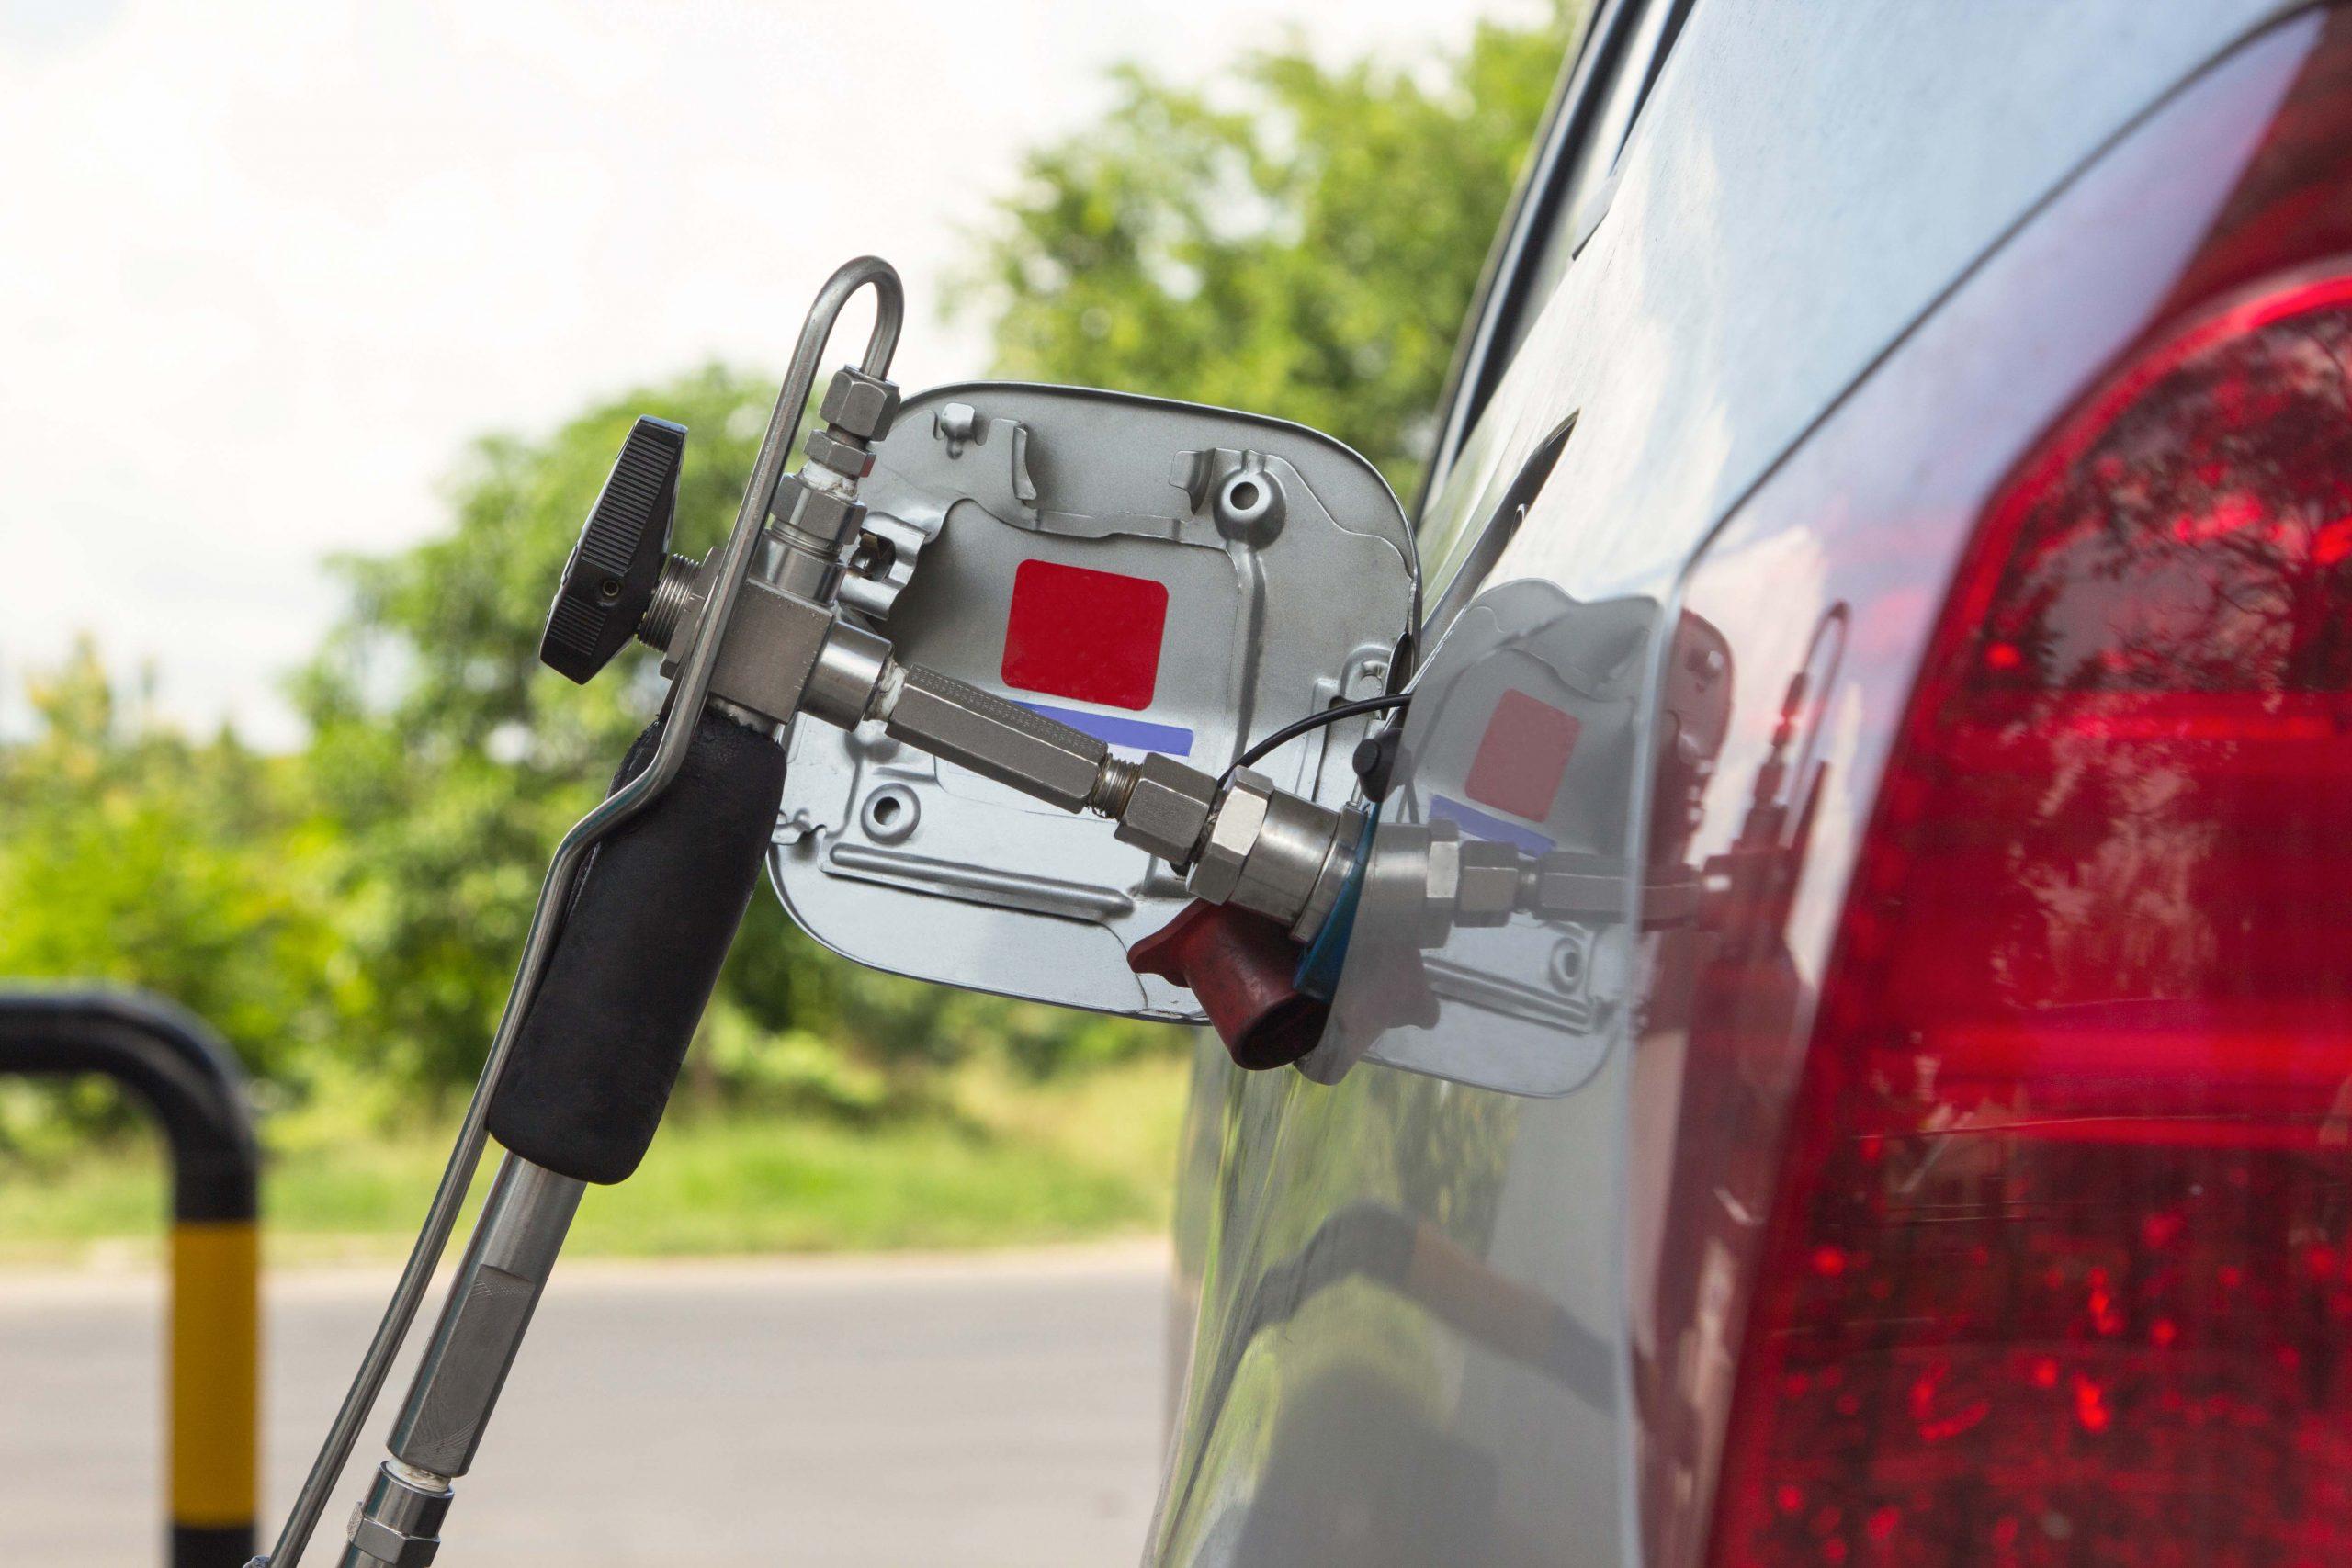 Imagem para ilustrar o texto sobreVantagens de ter um carro a gás